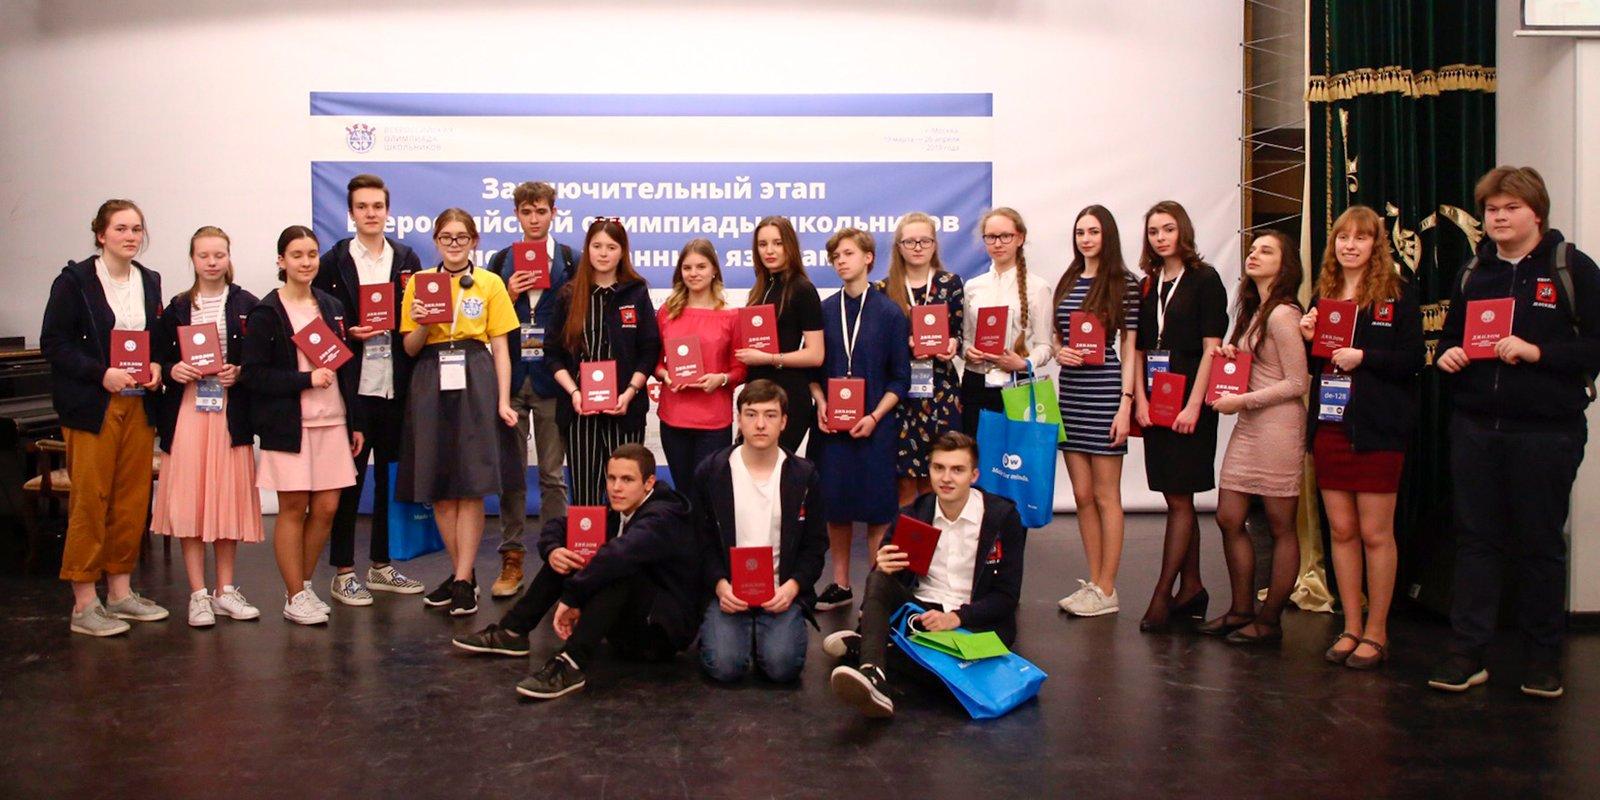 Школьники Москвы завершили всероссийскую олимпиаду с 220 дипломами по пяти предметам